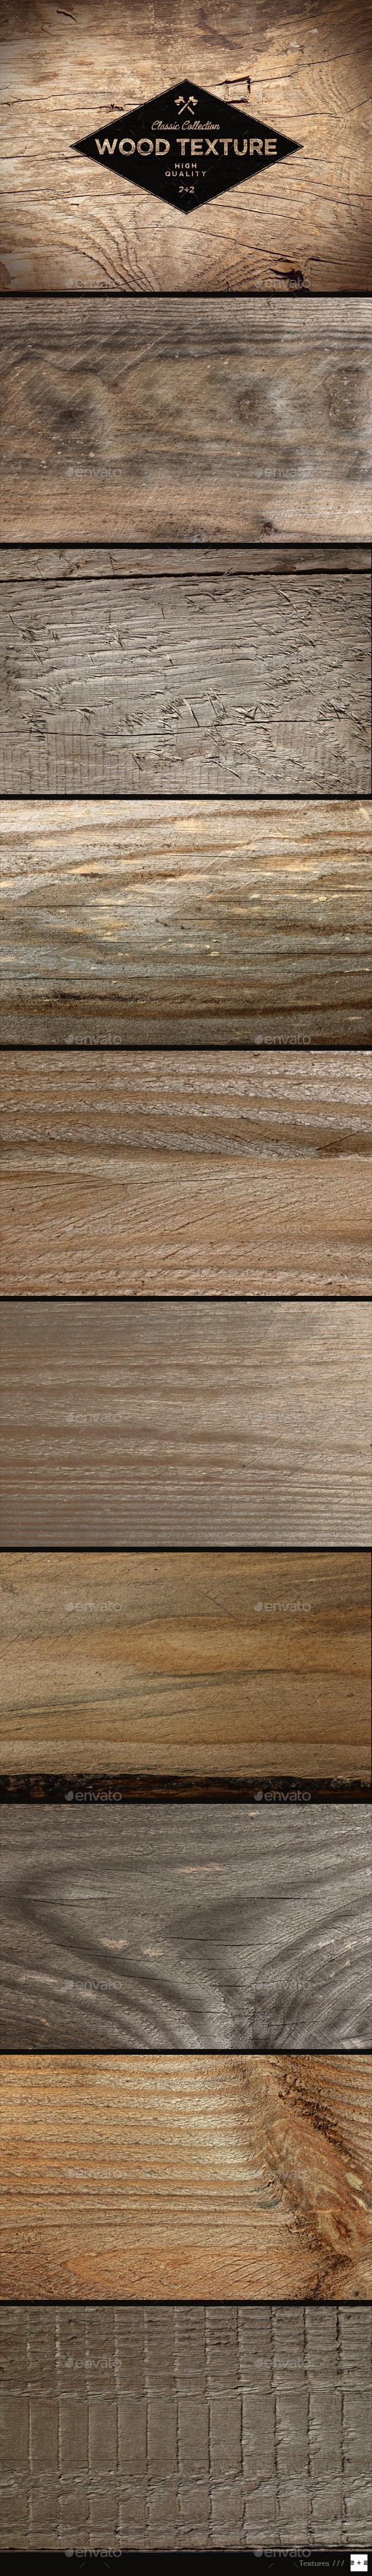 10 Wood Textures - Wood Textures